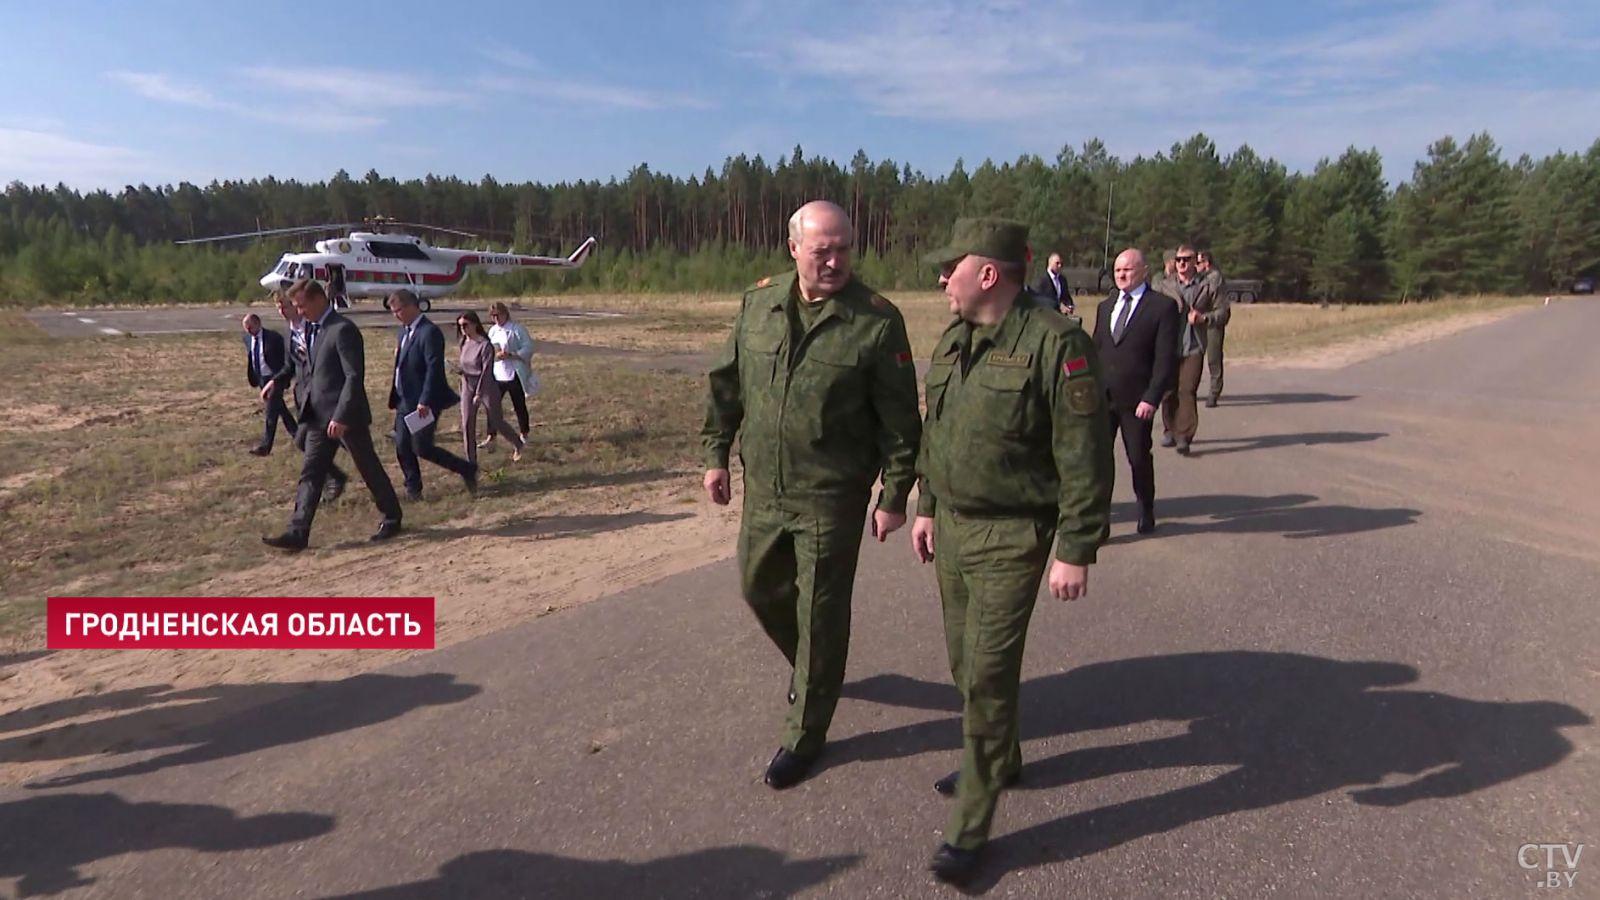 Лукашенко приказал военным без предупреждения отвечать на агрессивные де...